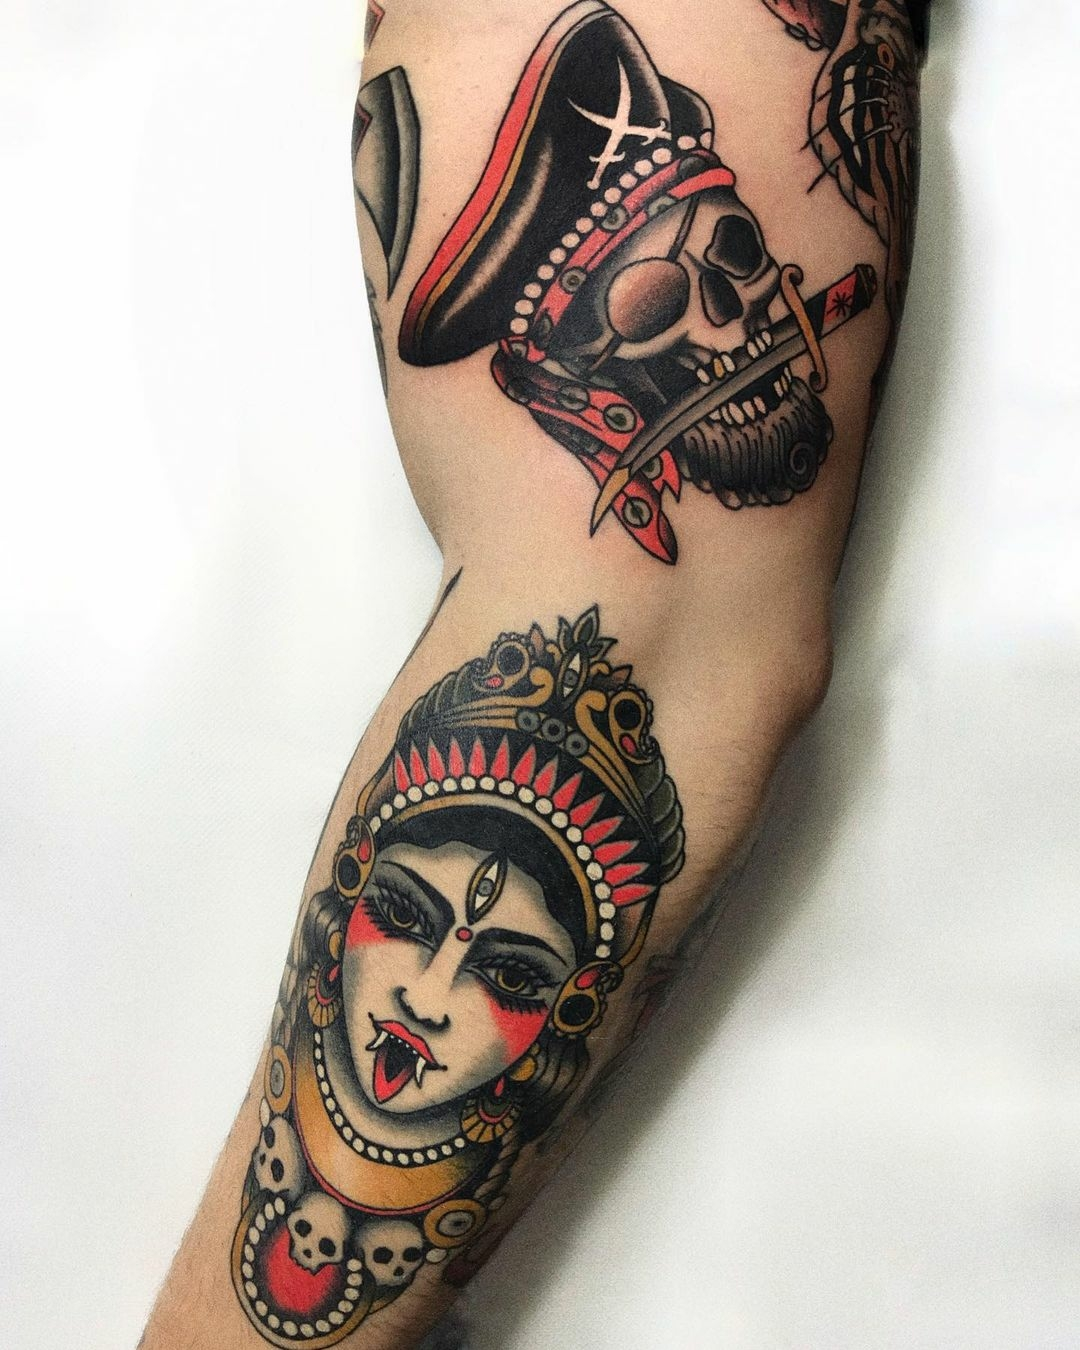 Inksearch tattoo Cruel Monica